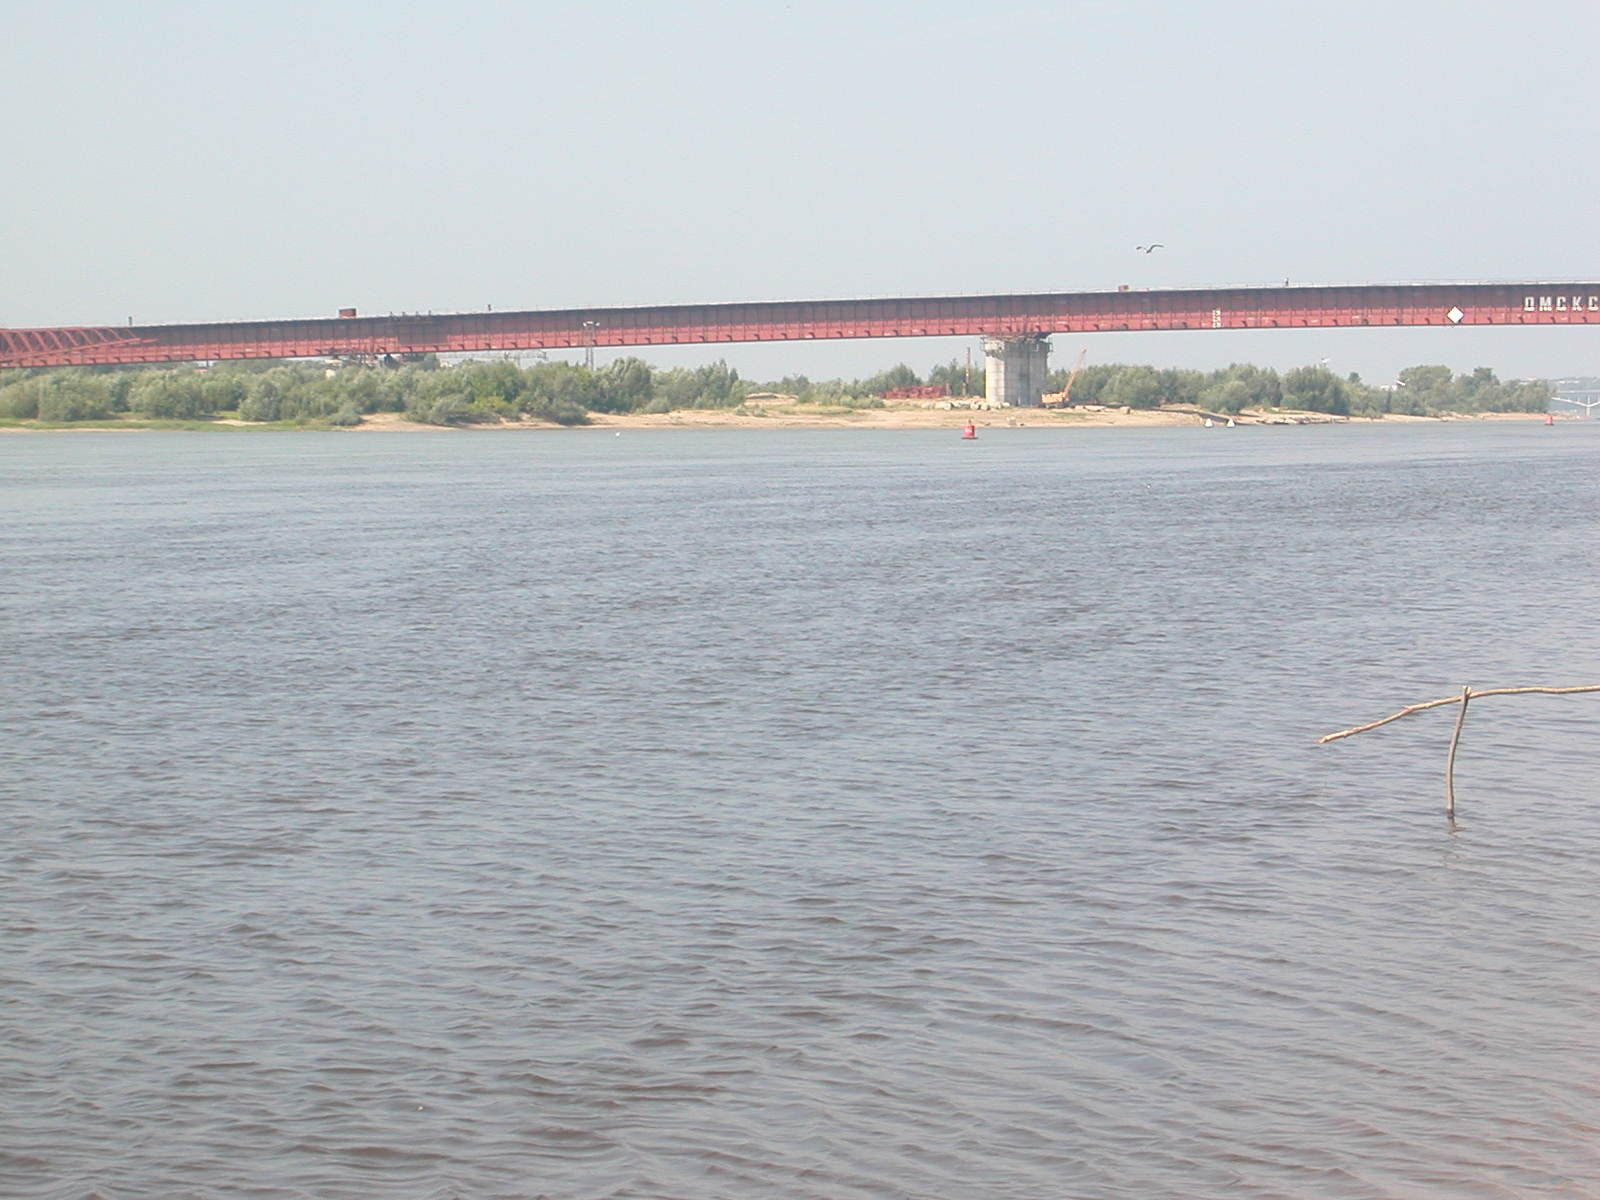 Die Brücke über Irtysch, als Teil der zukünftigen U-Bahn, oder wie die Russen sagen würden: die Metro